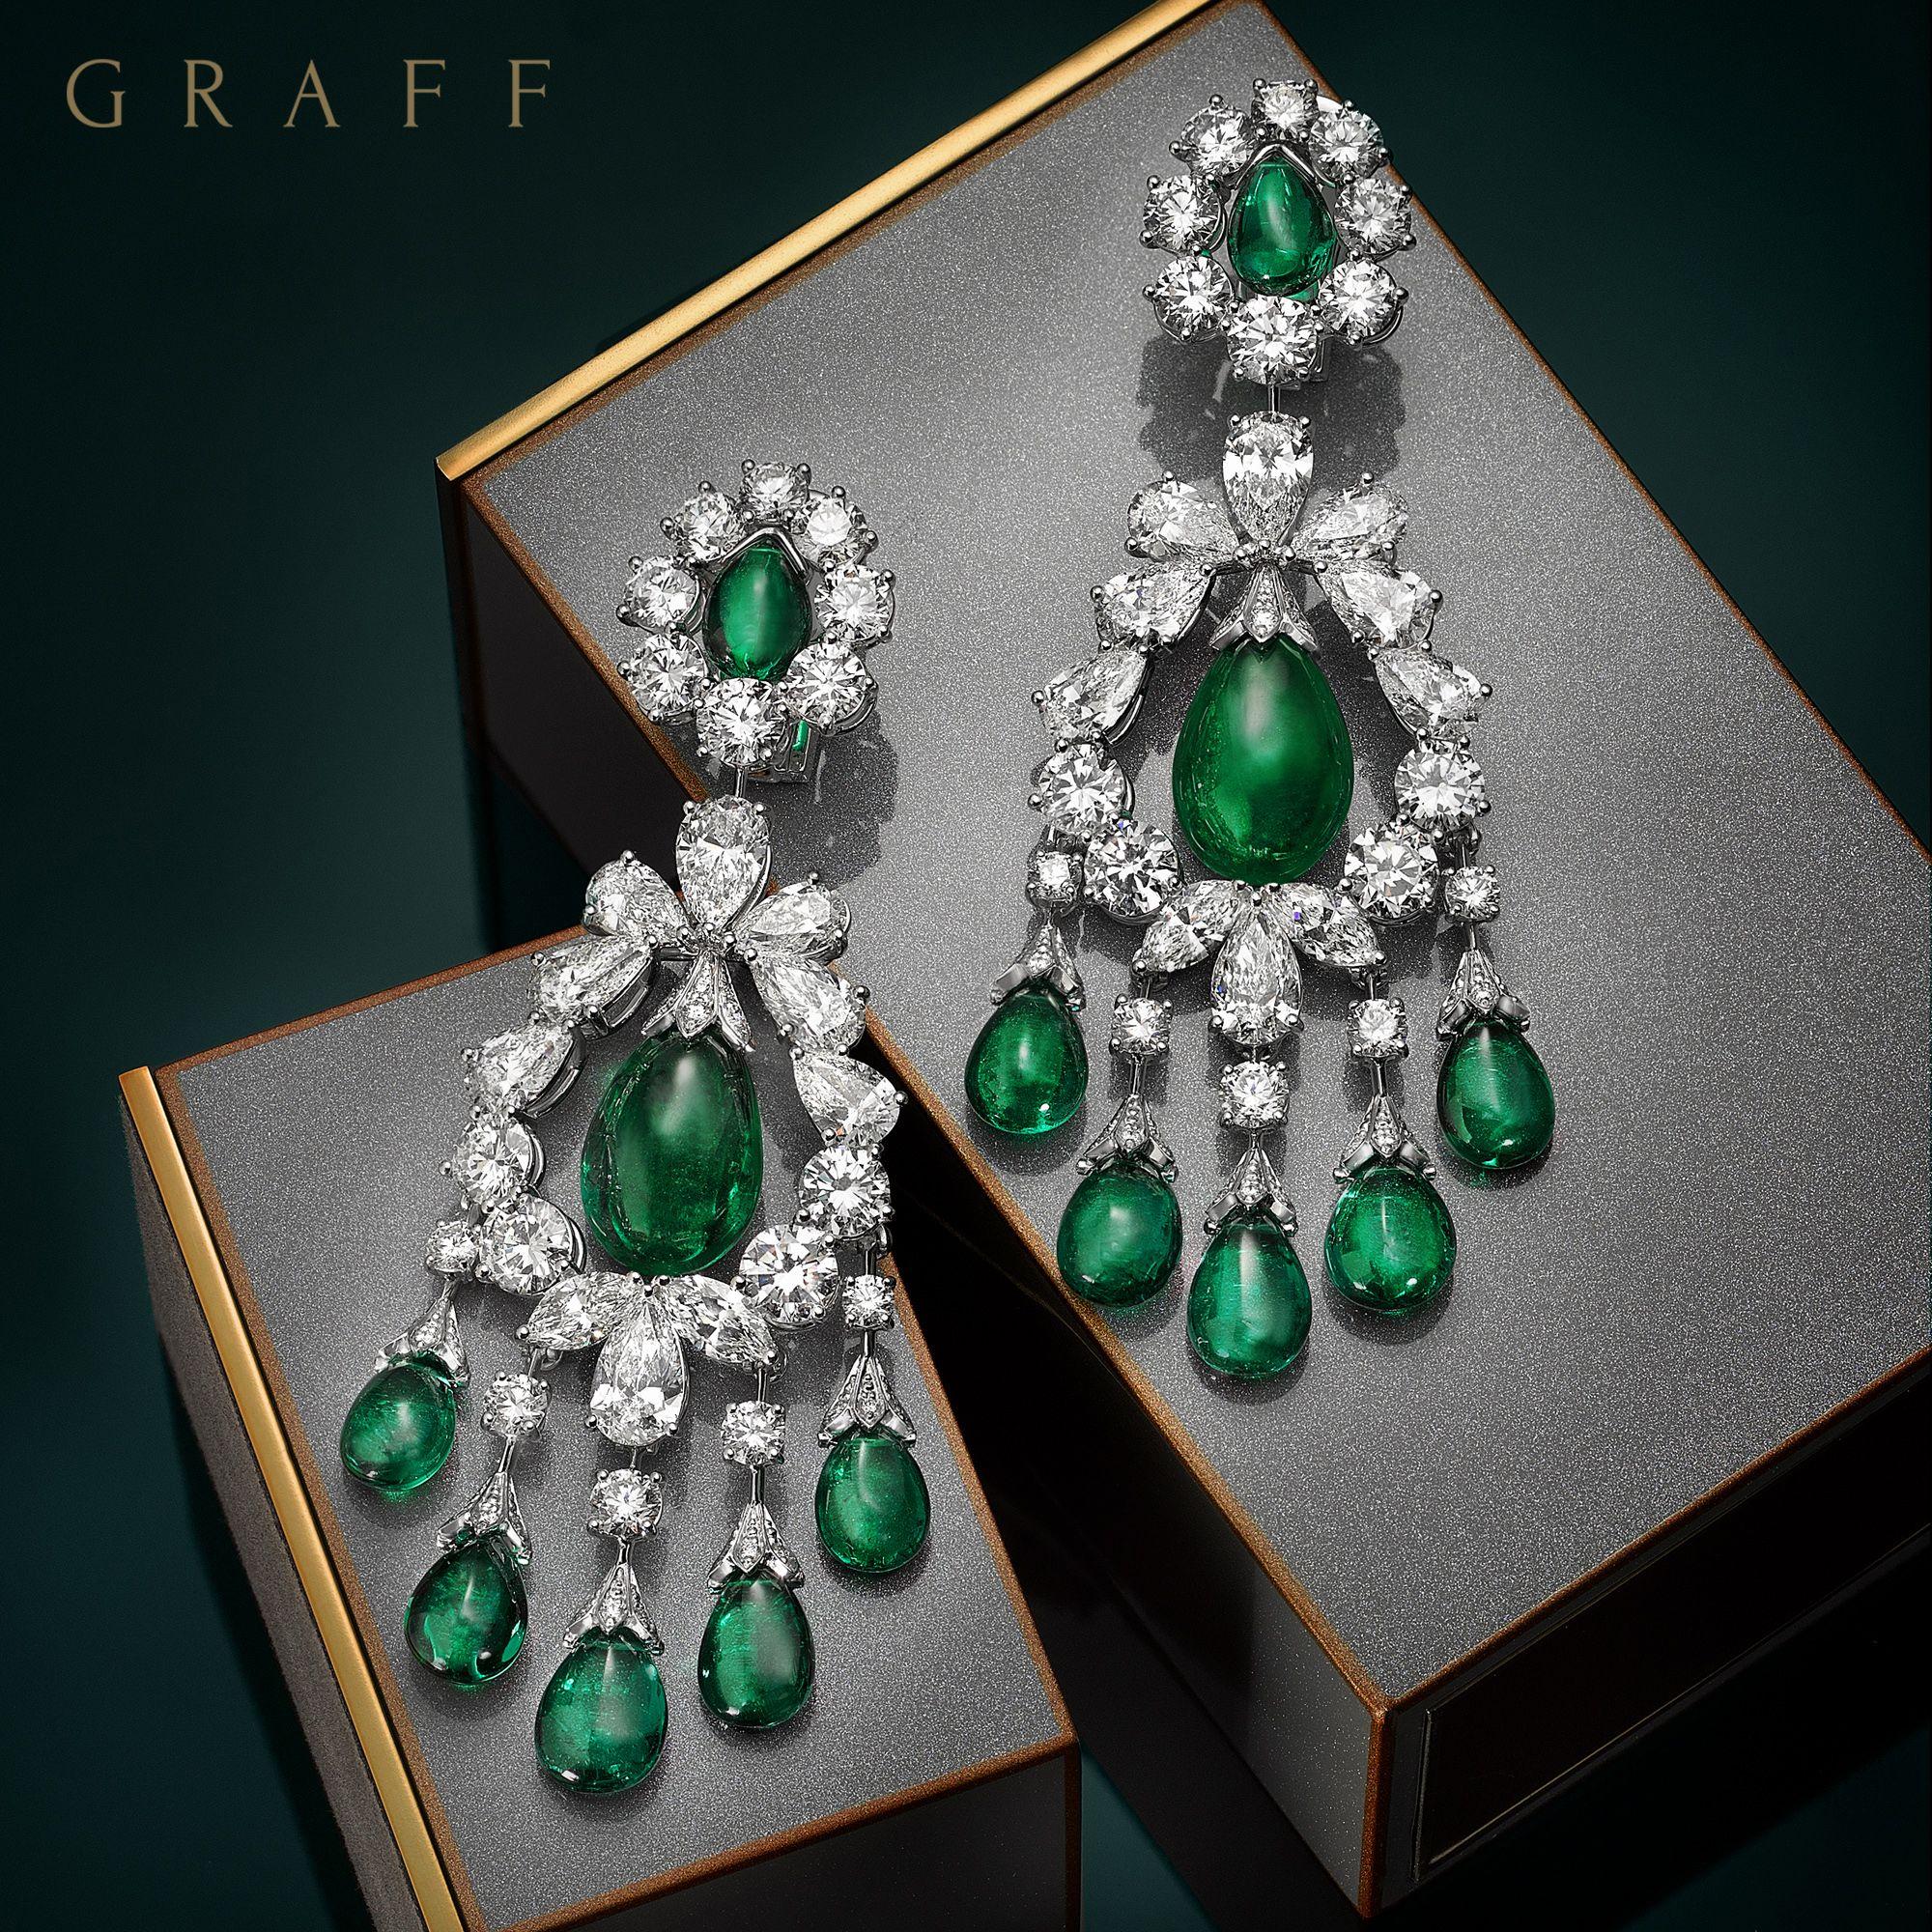 Emerald Diamond Jewellery: Graff Diamonds(@graffdiamonds)